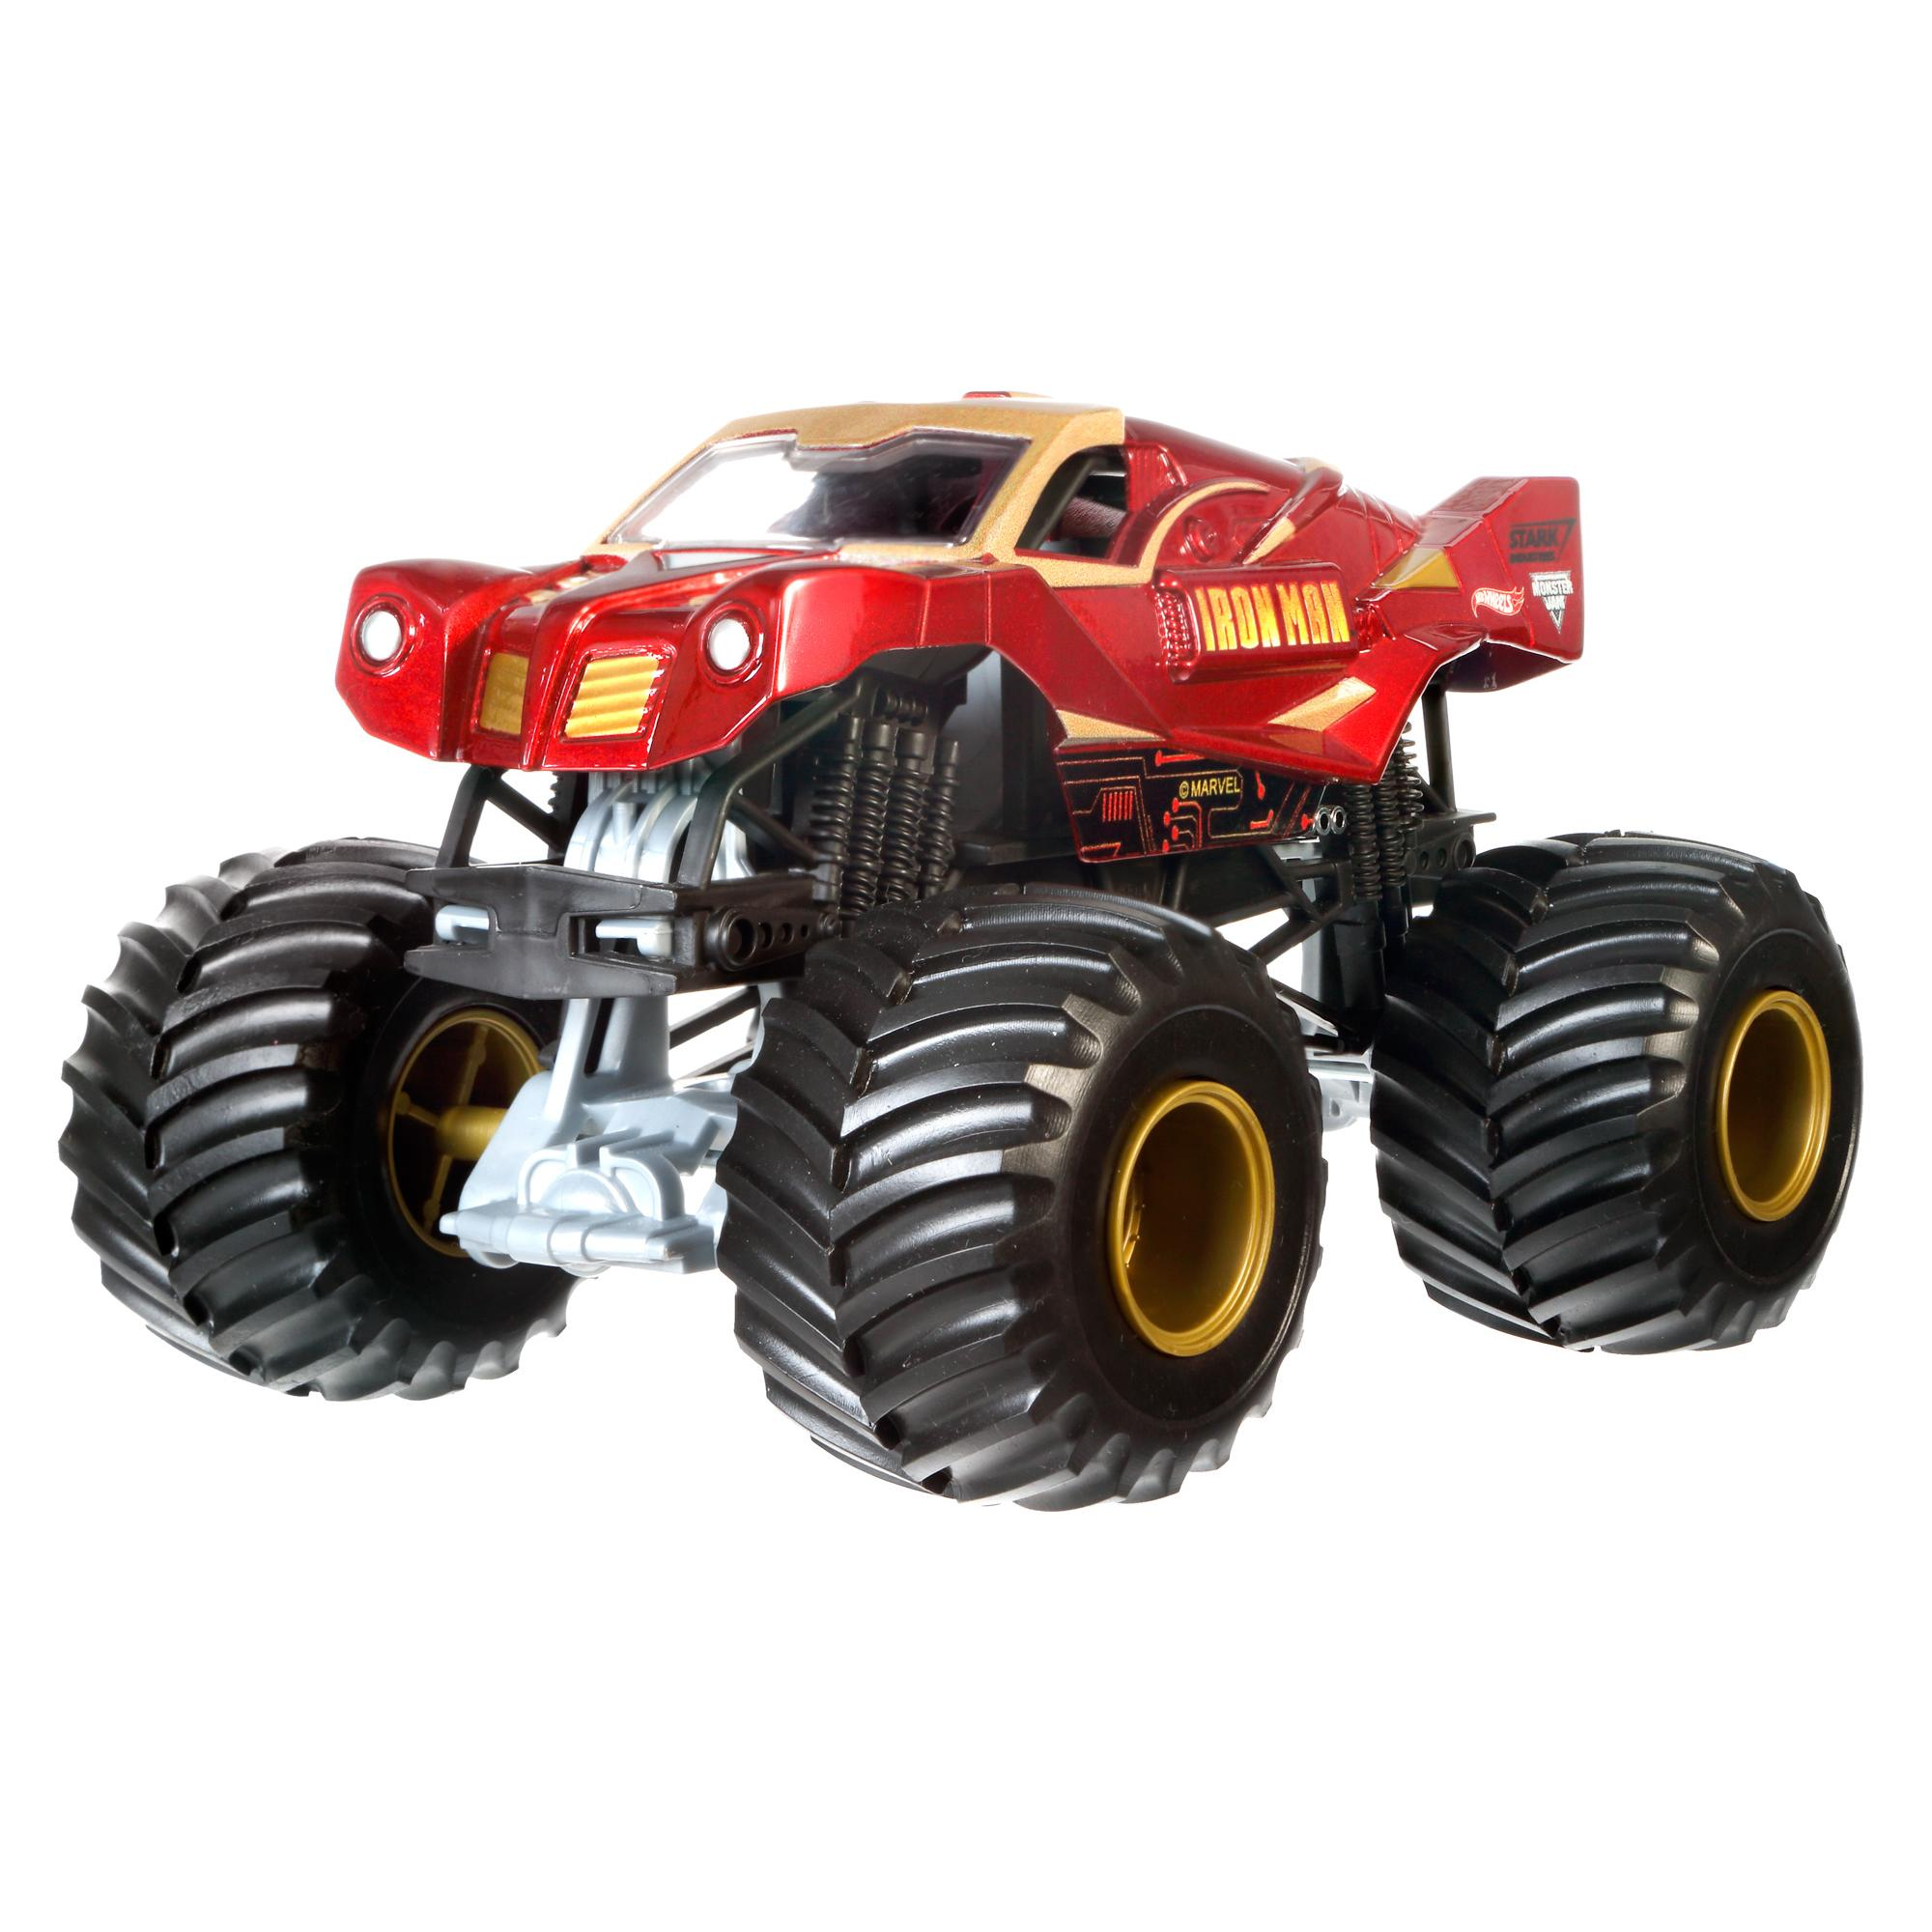 Hot Wheels Monster Jam Off-Road Iron Man Die-Cast Metal Body Vehicle